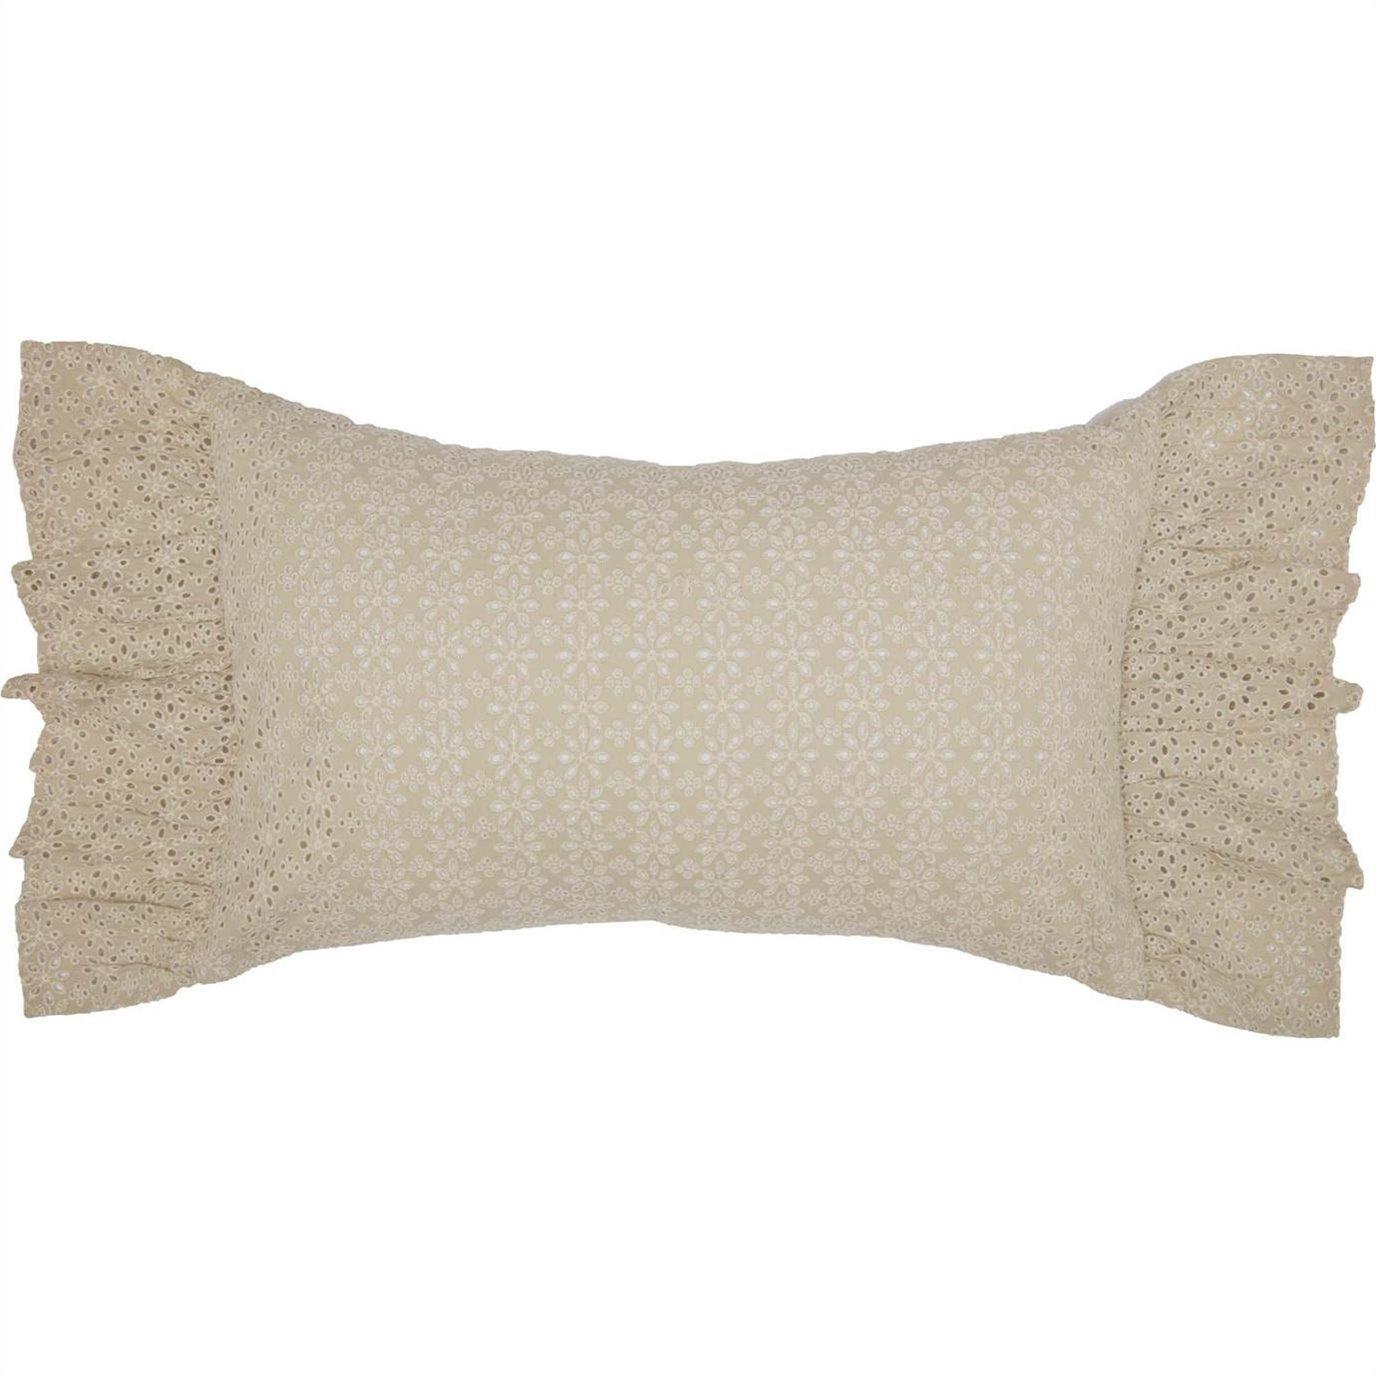 Camilia Eyelet Pillow 14x22